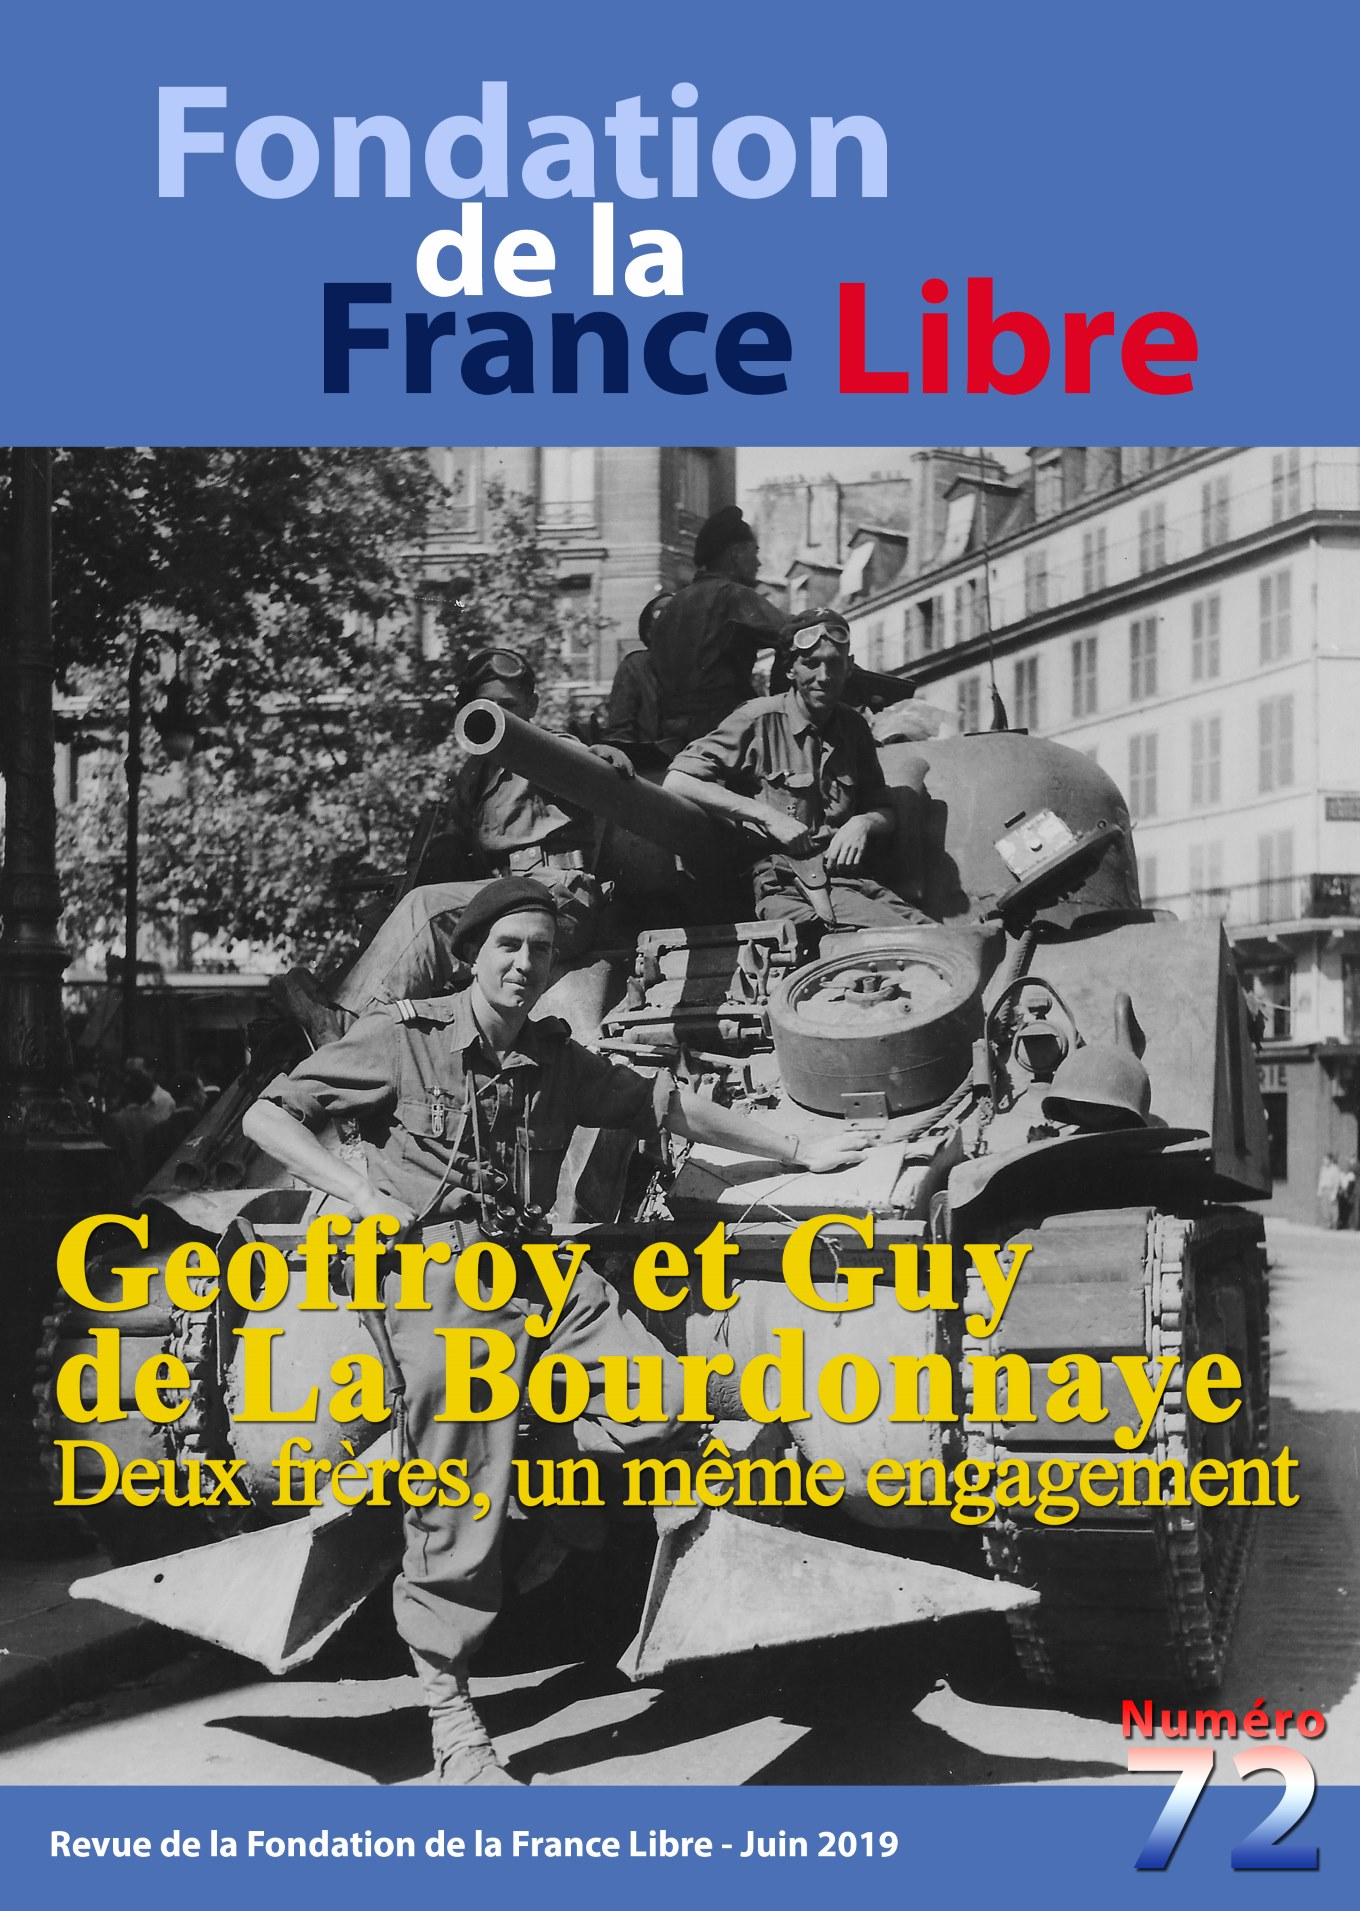 Fondation de la France Libre, n° 72, juin 2019